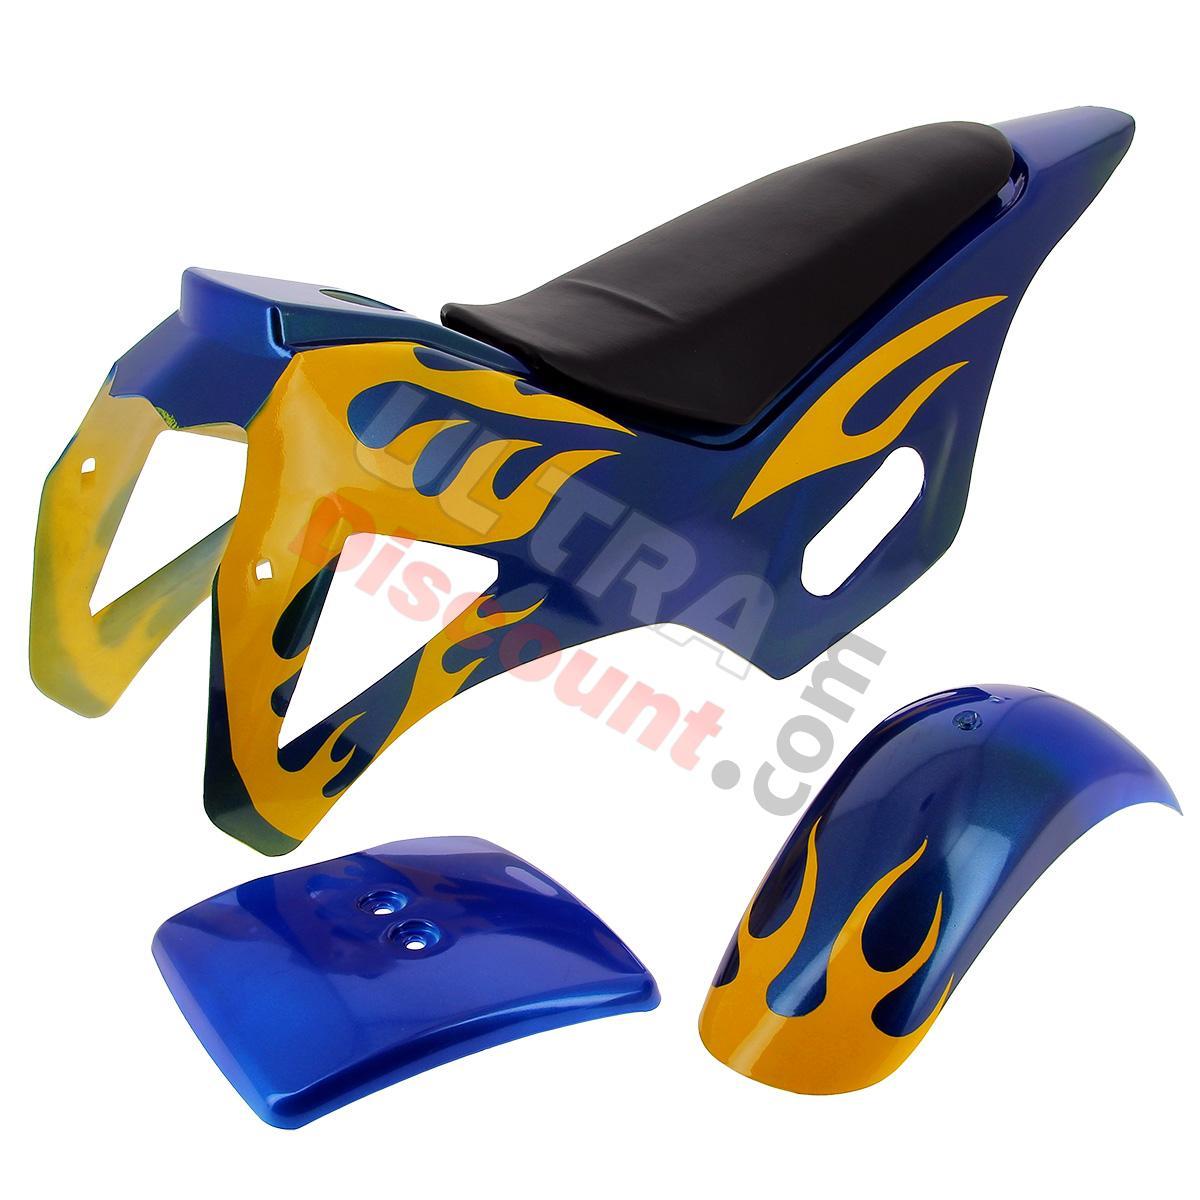 car nage bleu jaune pour pocket cross type 1 pi ces pocket cross car nage ultra. Black Bedroom Furniture Sets. Home Design Ideas